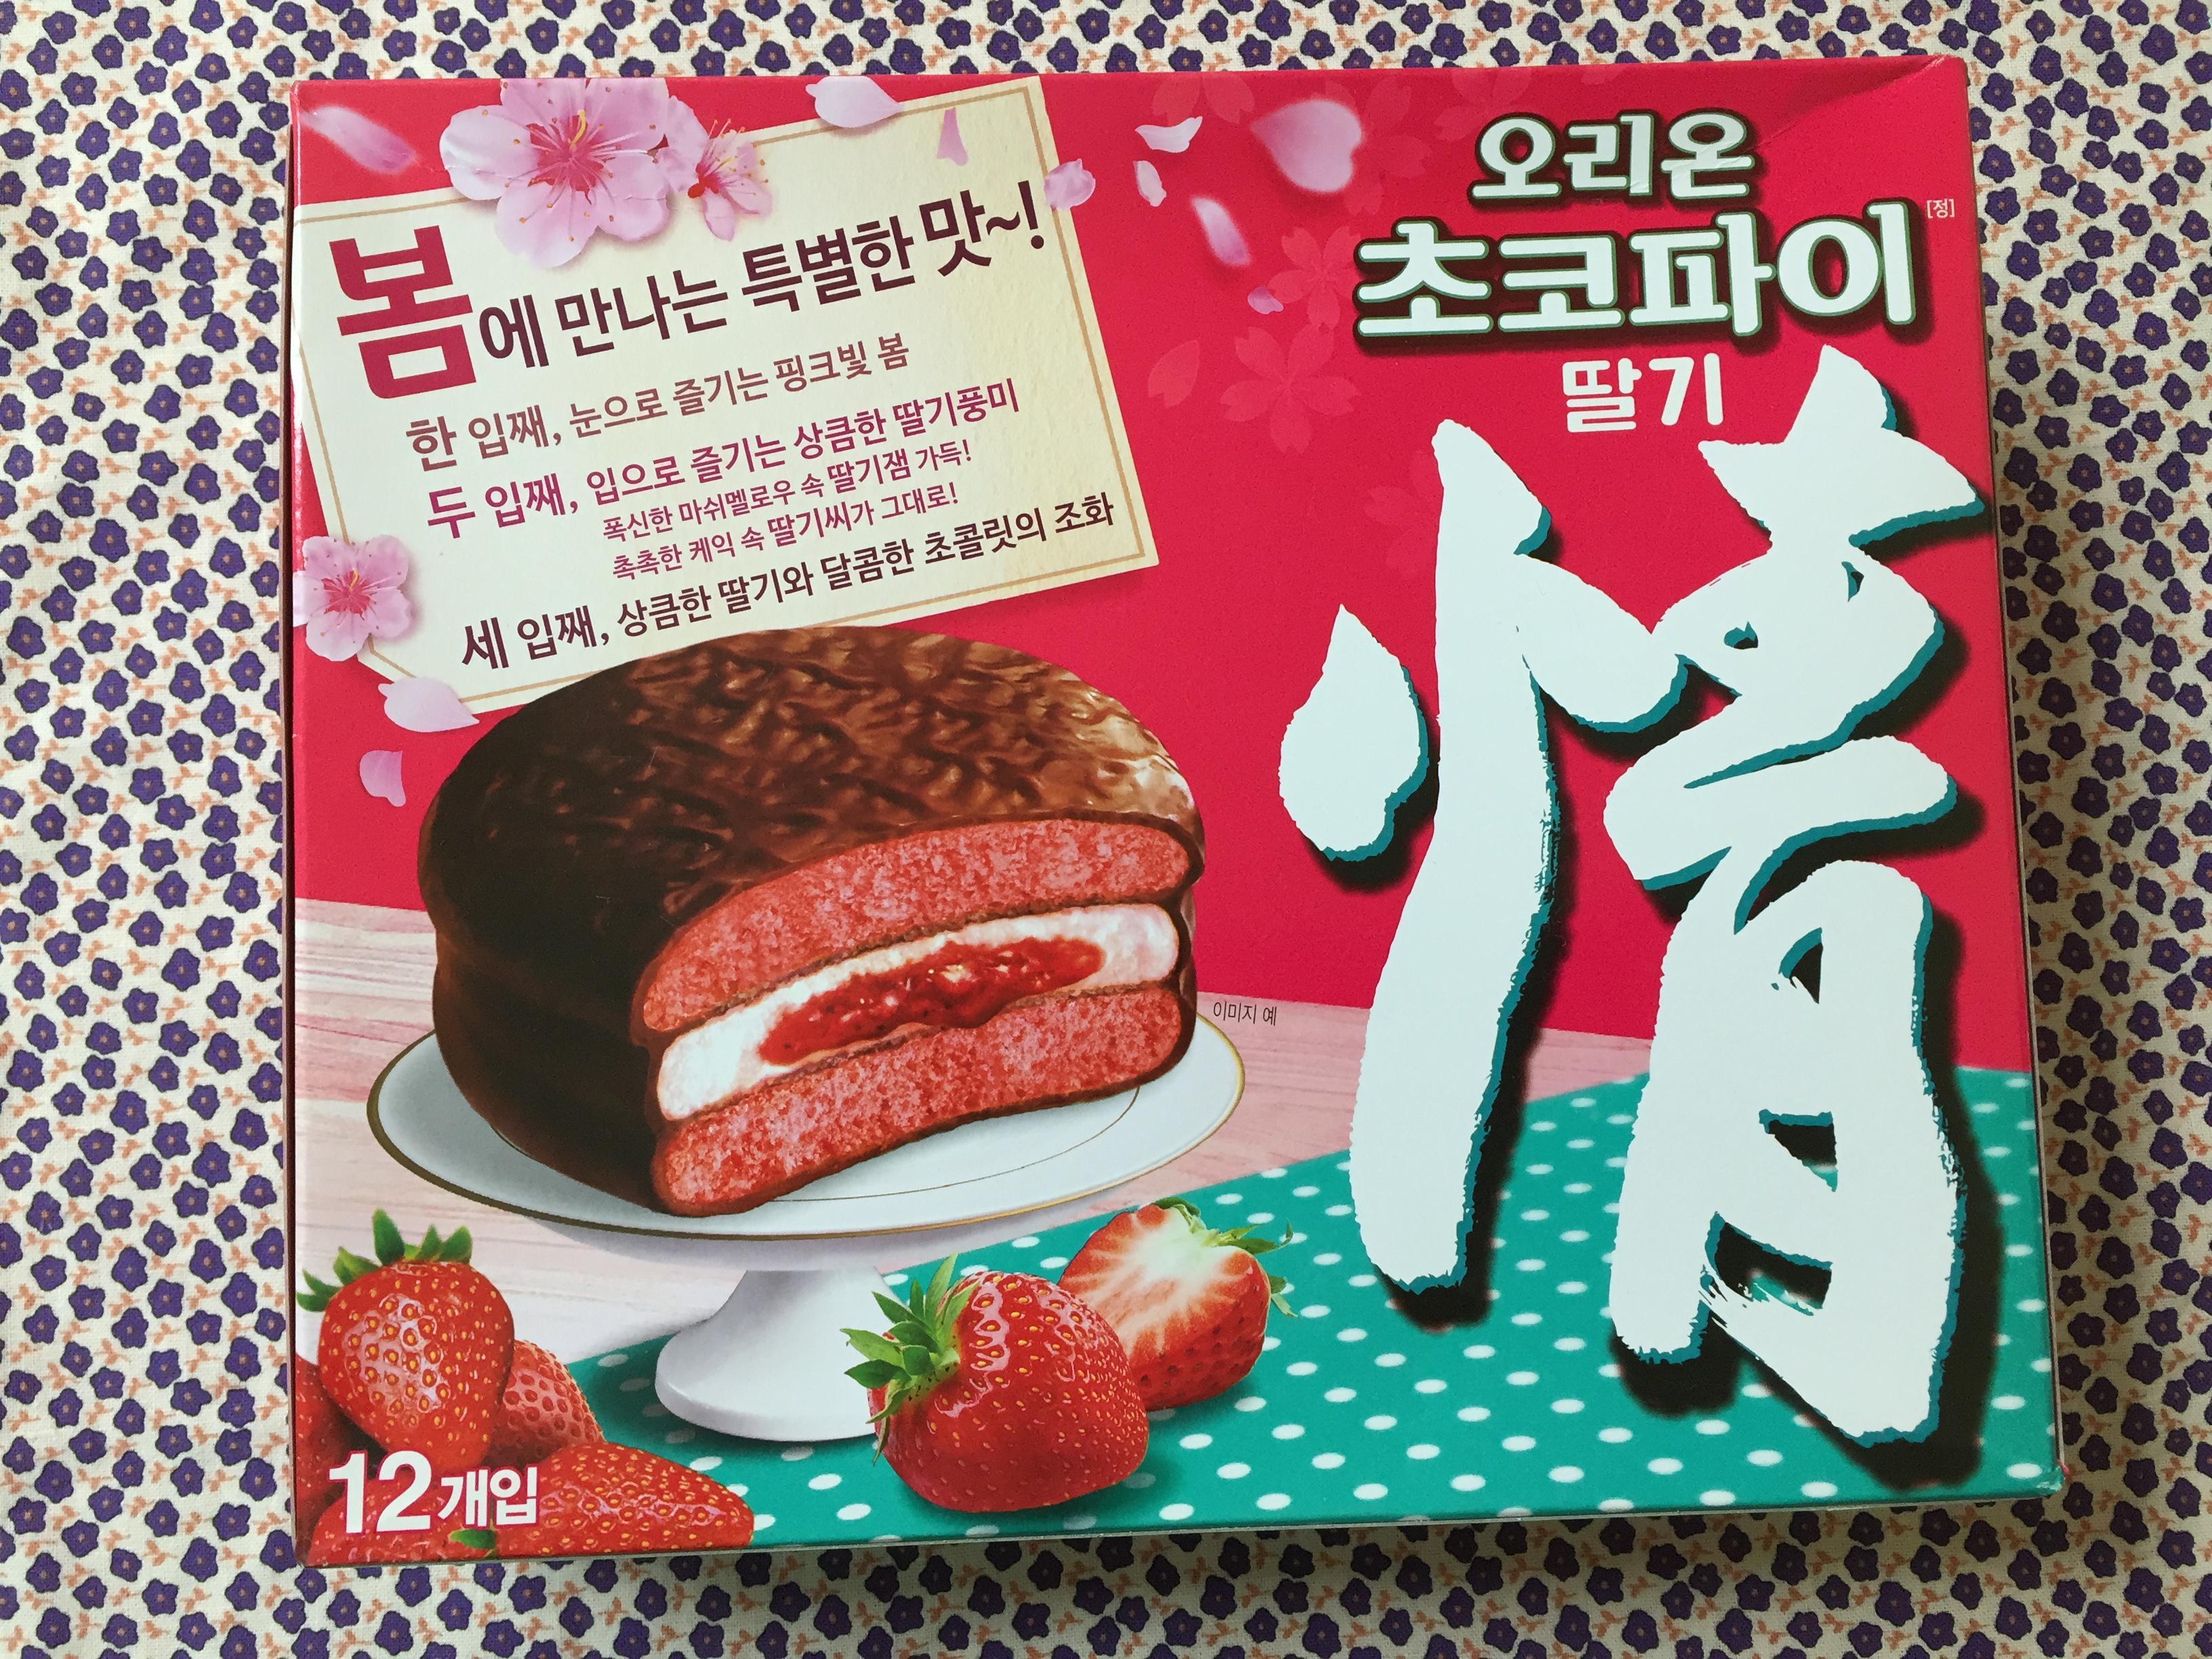 [오리온] 초코파이 딸기맛